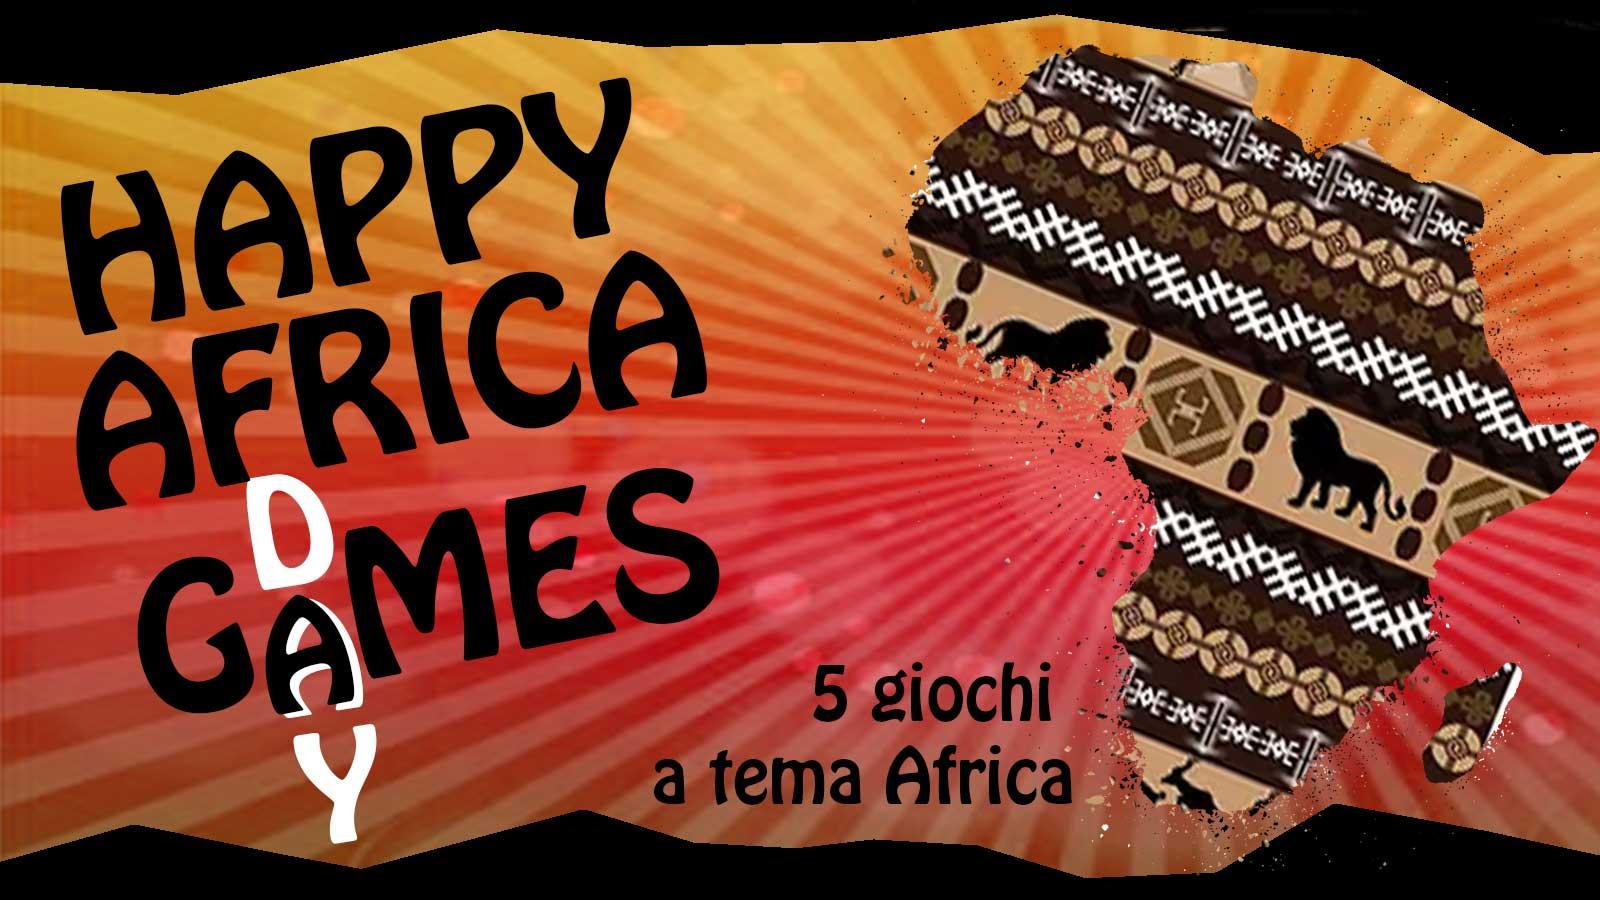 5 giochi a tema in occasione della Giornata dell'Africa